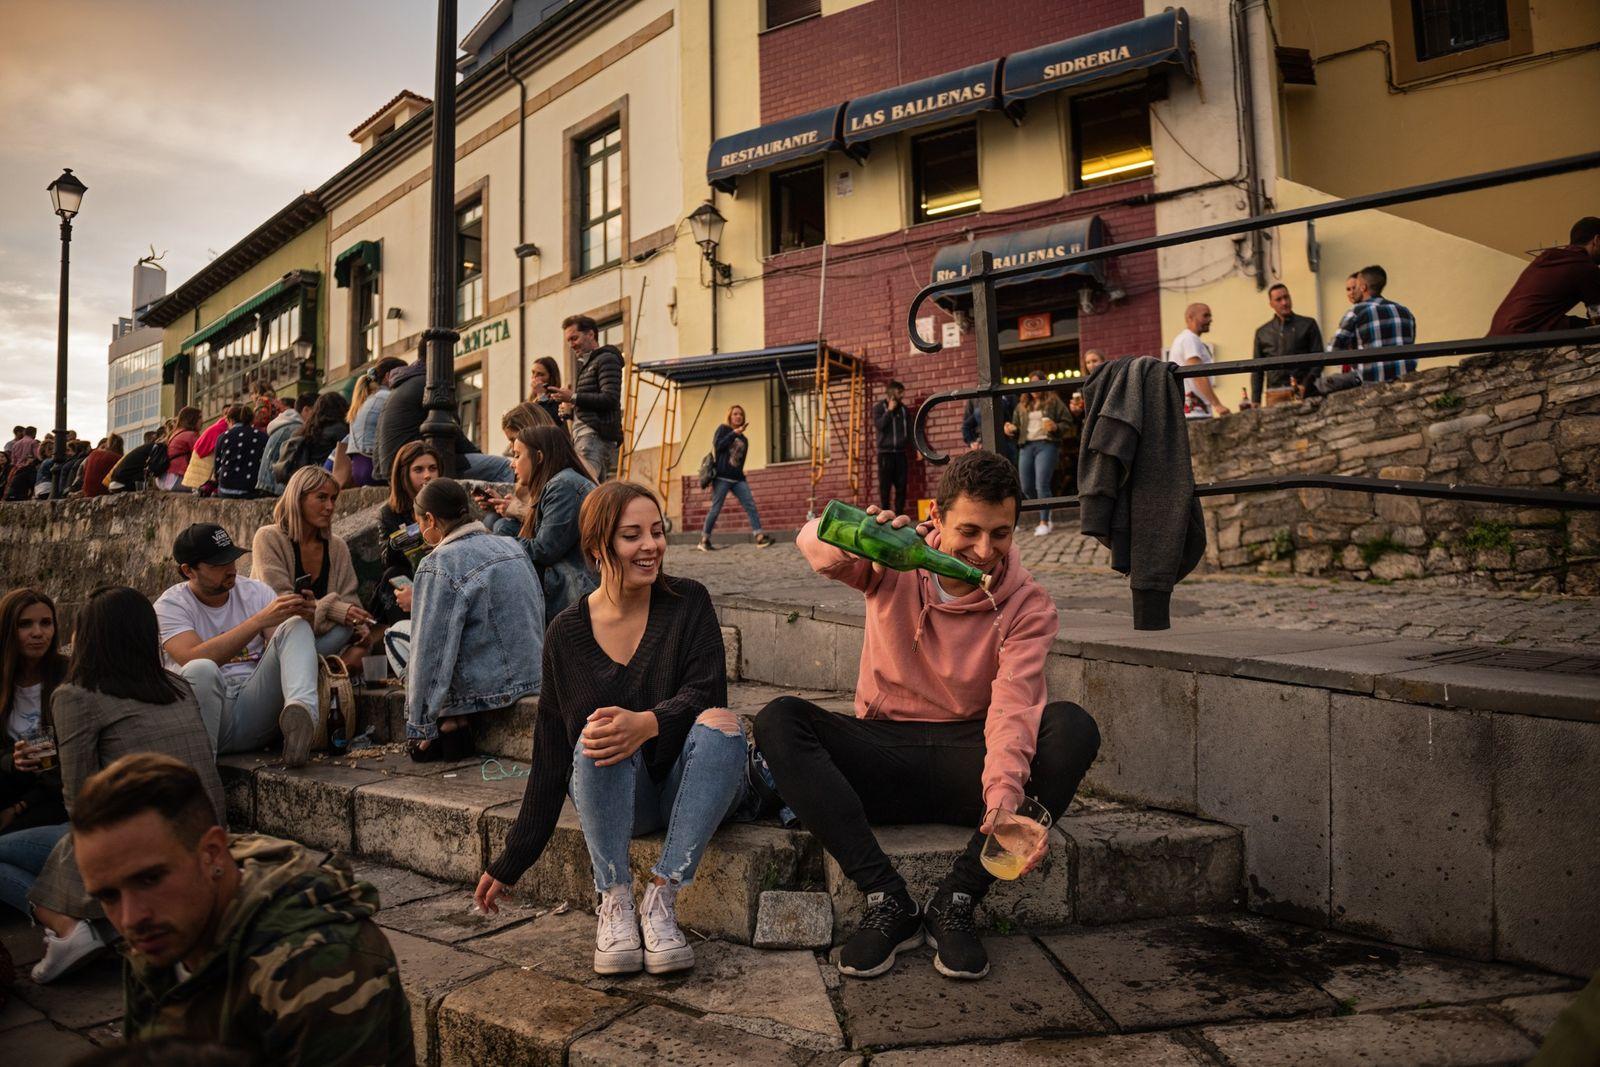 Em Espanha, os habitantes reúnem-se à volta do antigo porto de Gijón para desfrutarem de sidra ...